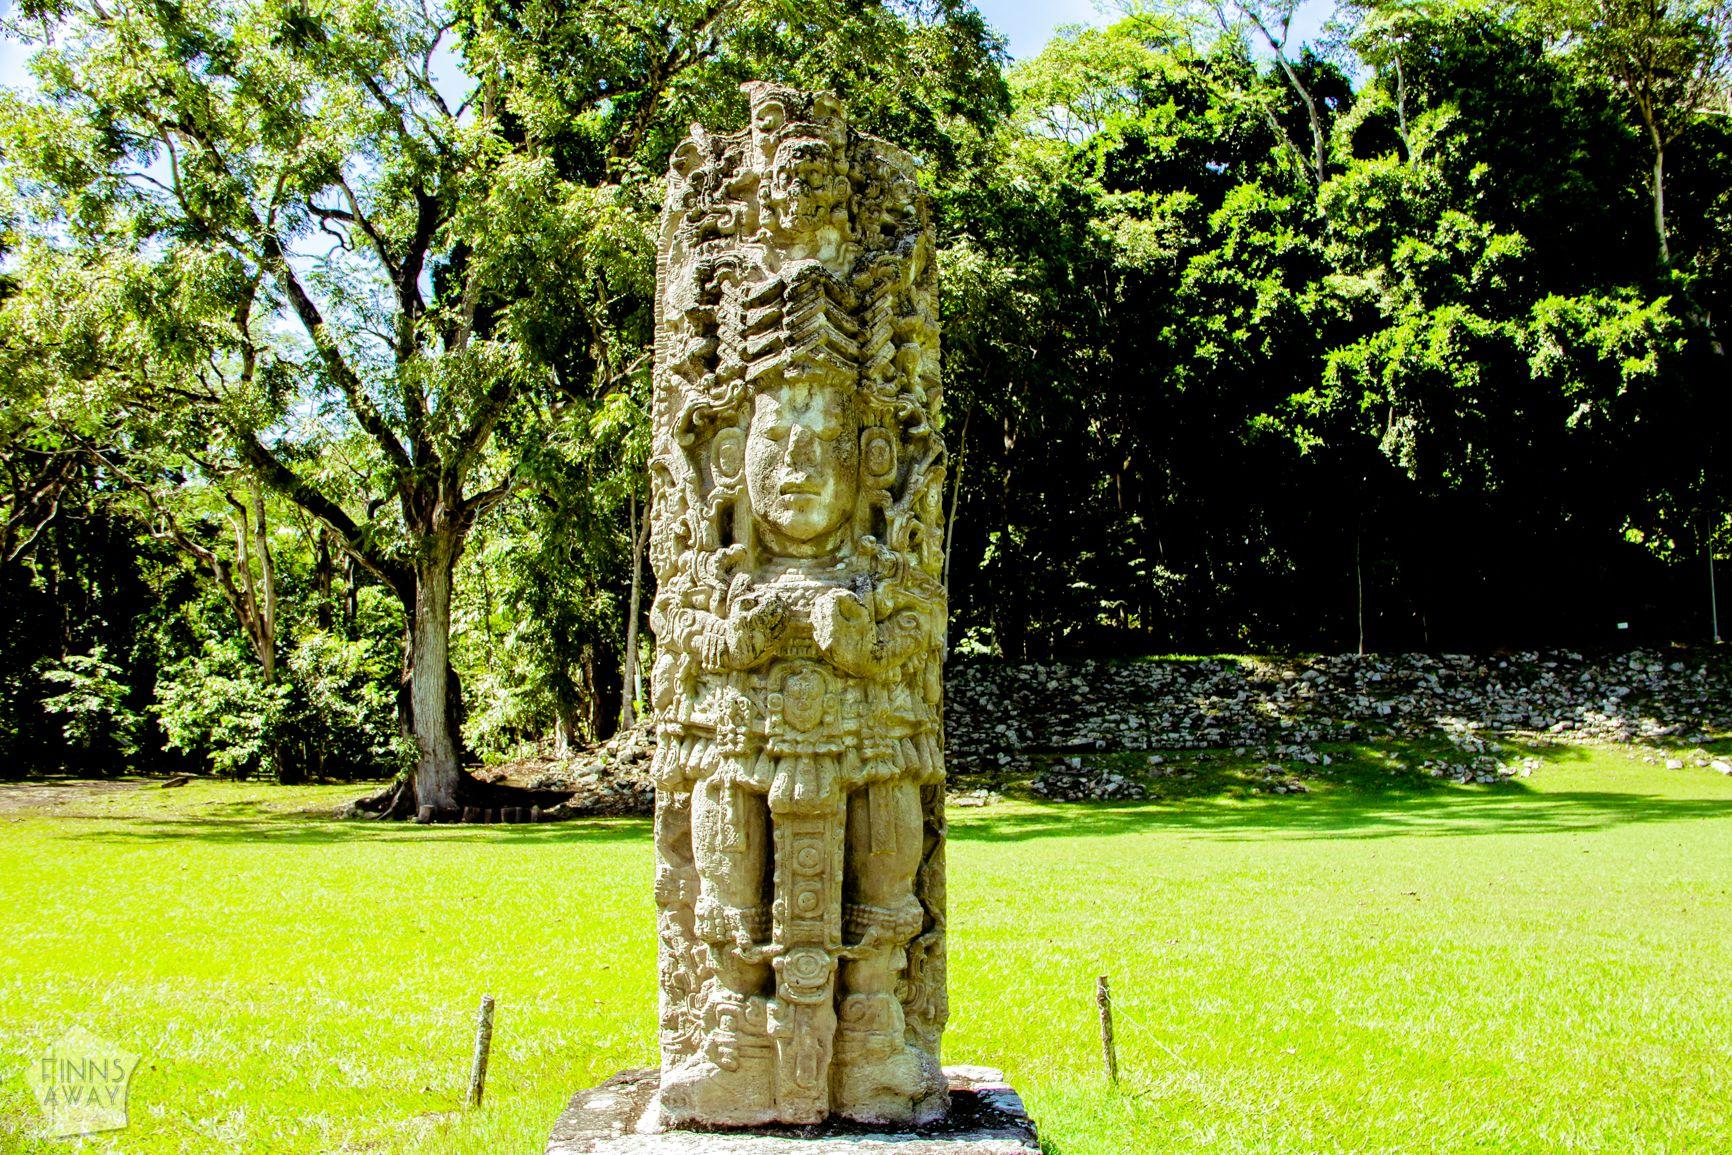 Stelae in Copan Mayan ruins, Honduras | FinnsAway Travel Blog